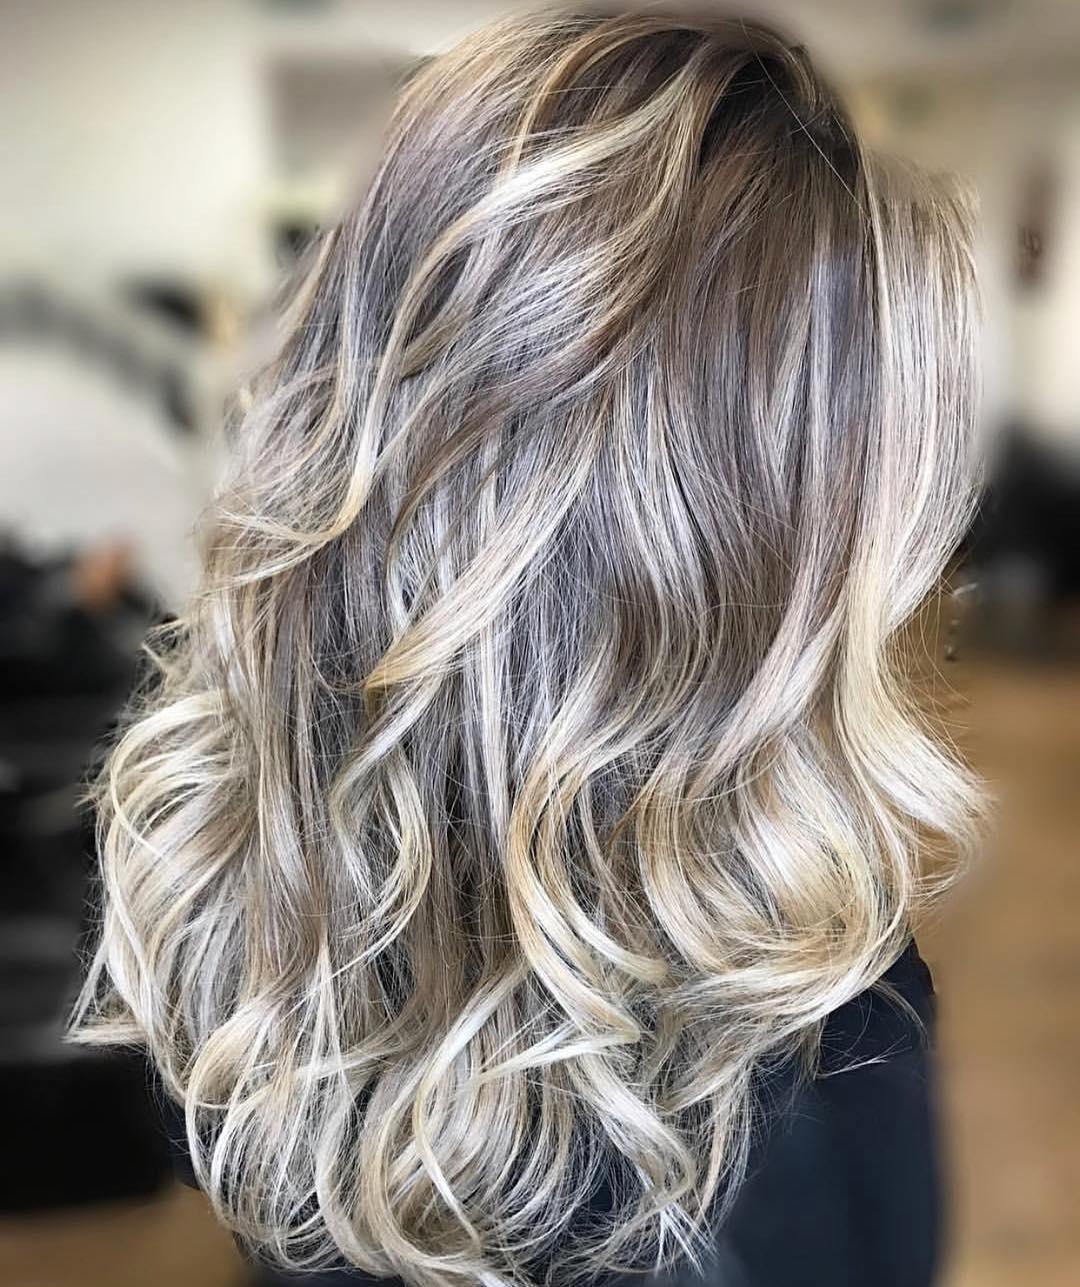 بالیاژ موی بلند ، متد بلیاژ هایلایت ، آموزش رنگ مو